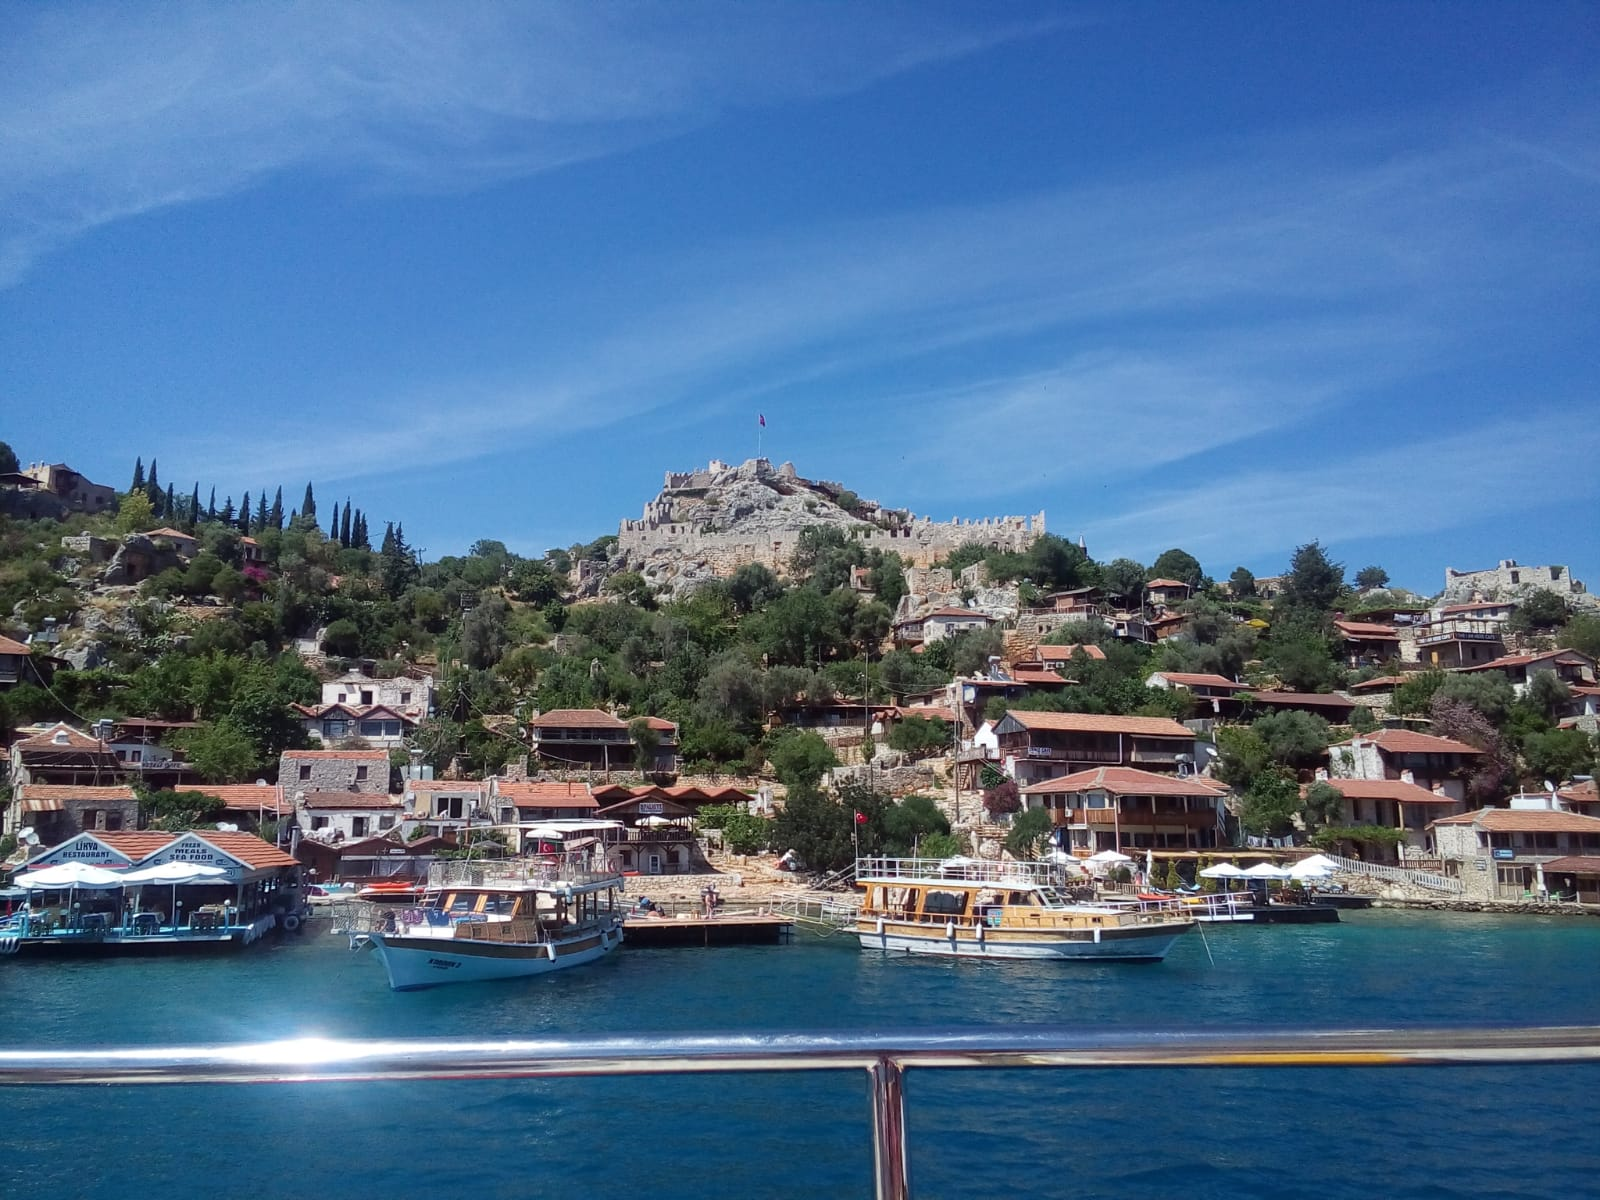 Kekova Batıkşehir – Kaleköy (Simena) – Üçağız Köyü (Theimiusa)